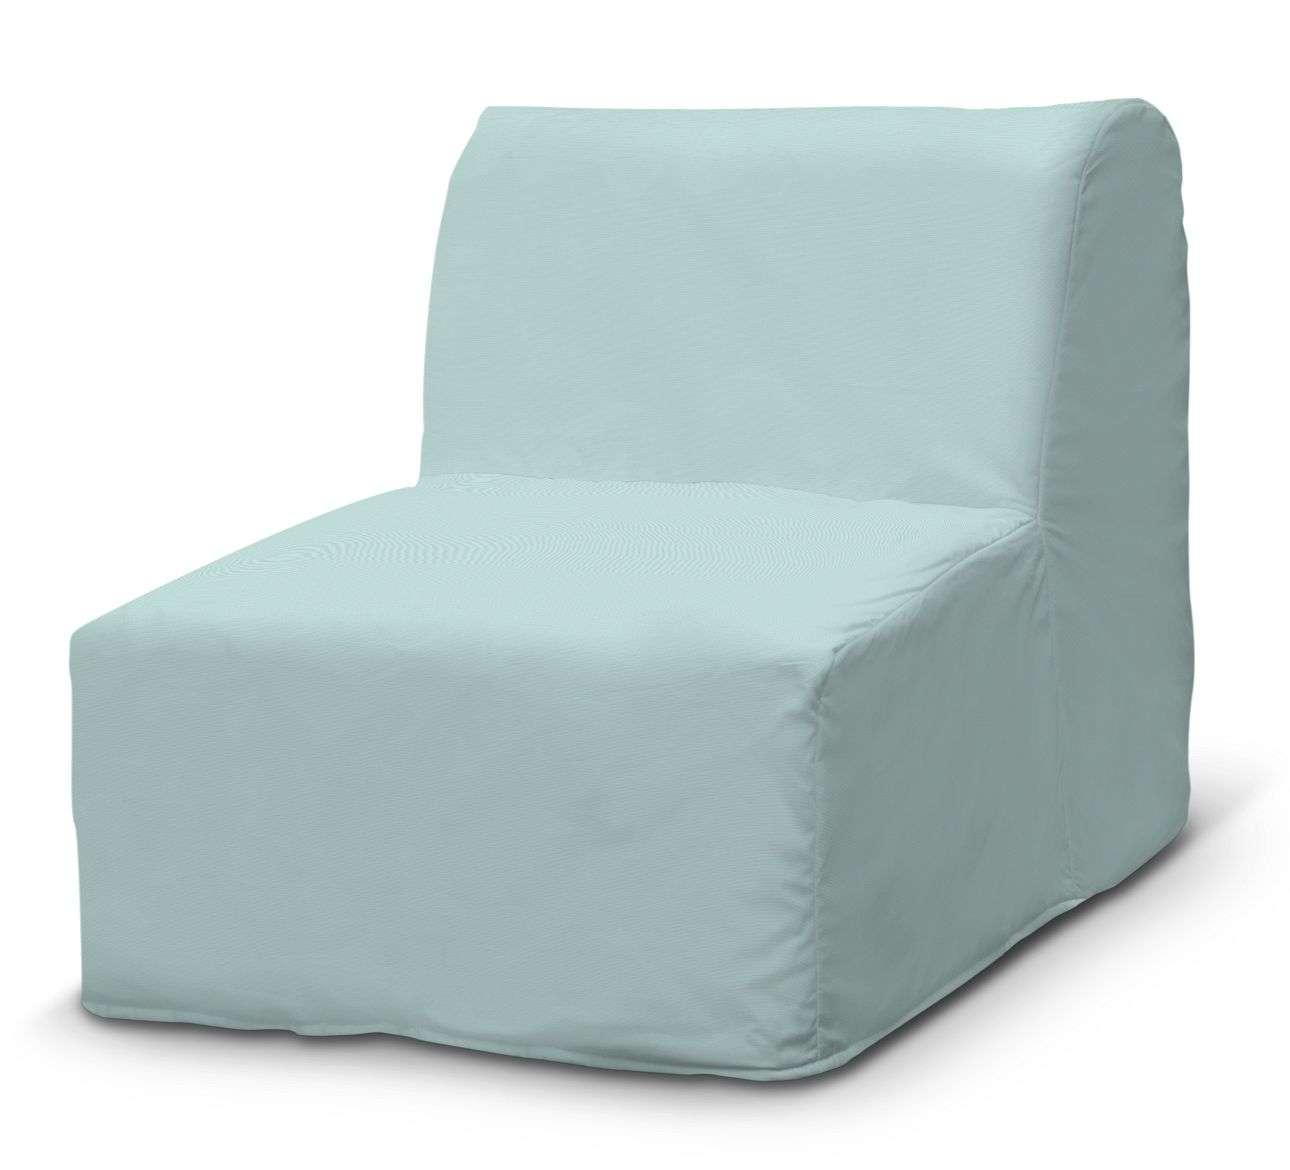 Lycksele fotelio užvalkalas Lycksele fotelis kolekcijoje Cotton Panama, audinys: 702-10